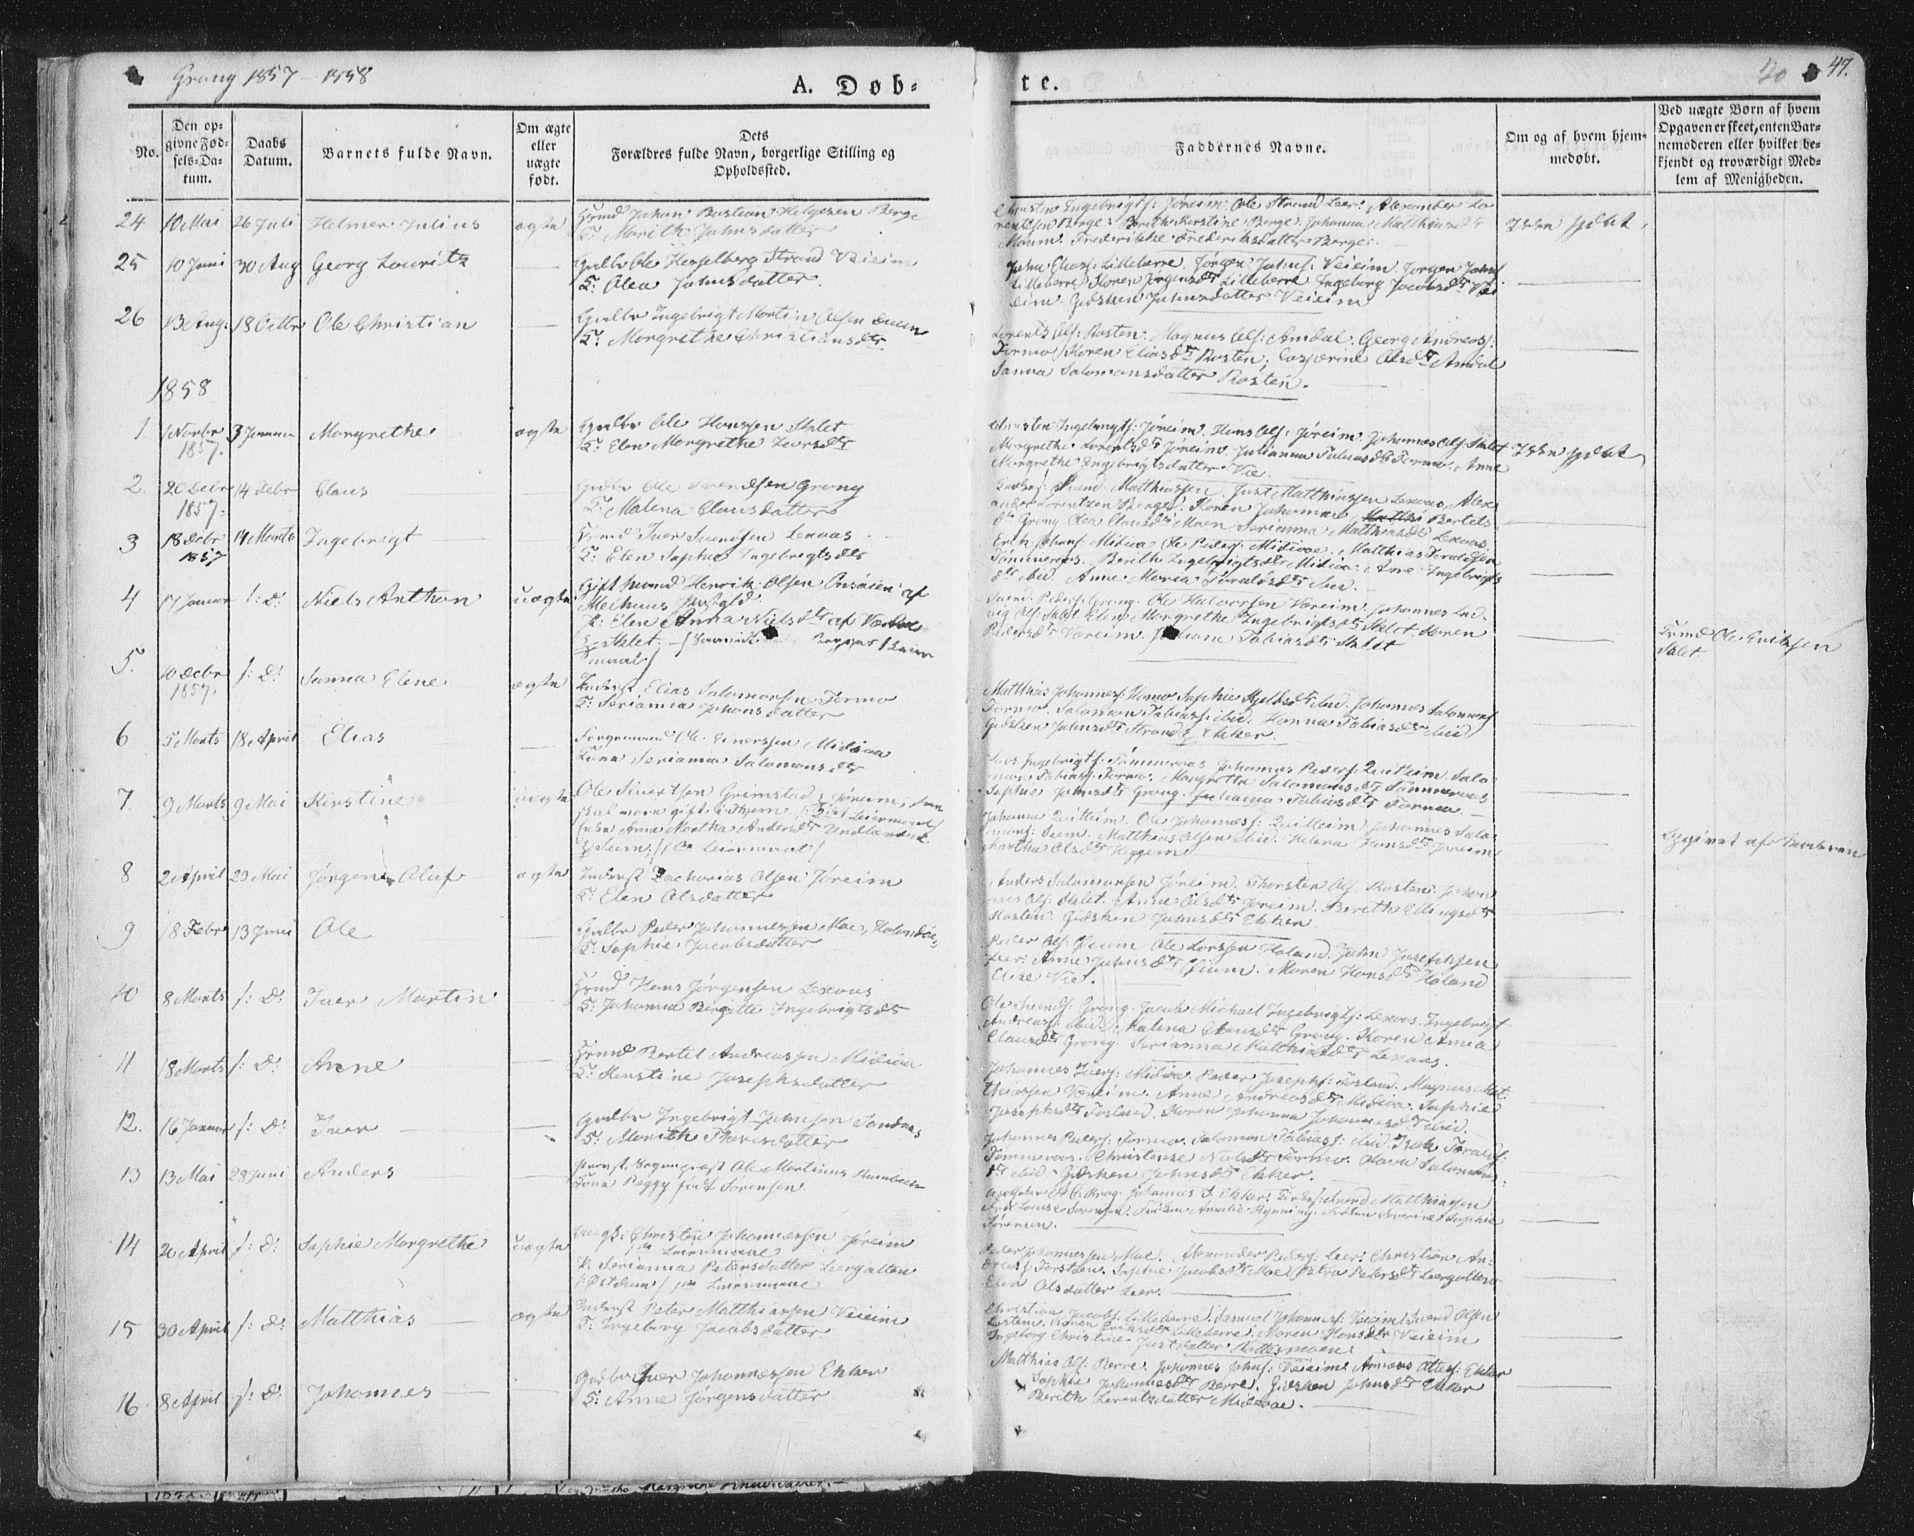 SAT, Ministerialprotokoller, klokkerbøker og fødselsregistre - Nord-Trøndelag, 758/L0513: Ministerialbok nr. 758A02 /1, 1839-1868, s. 20